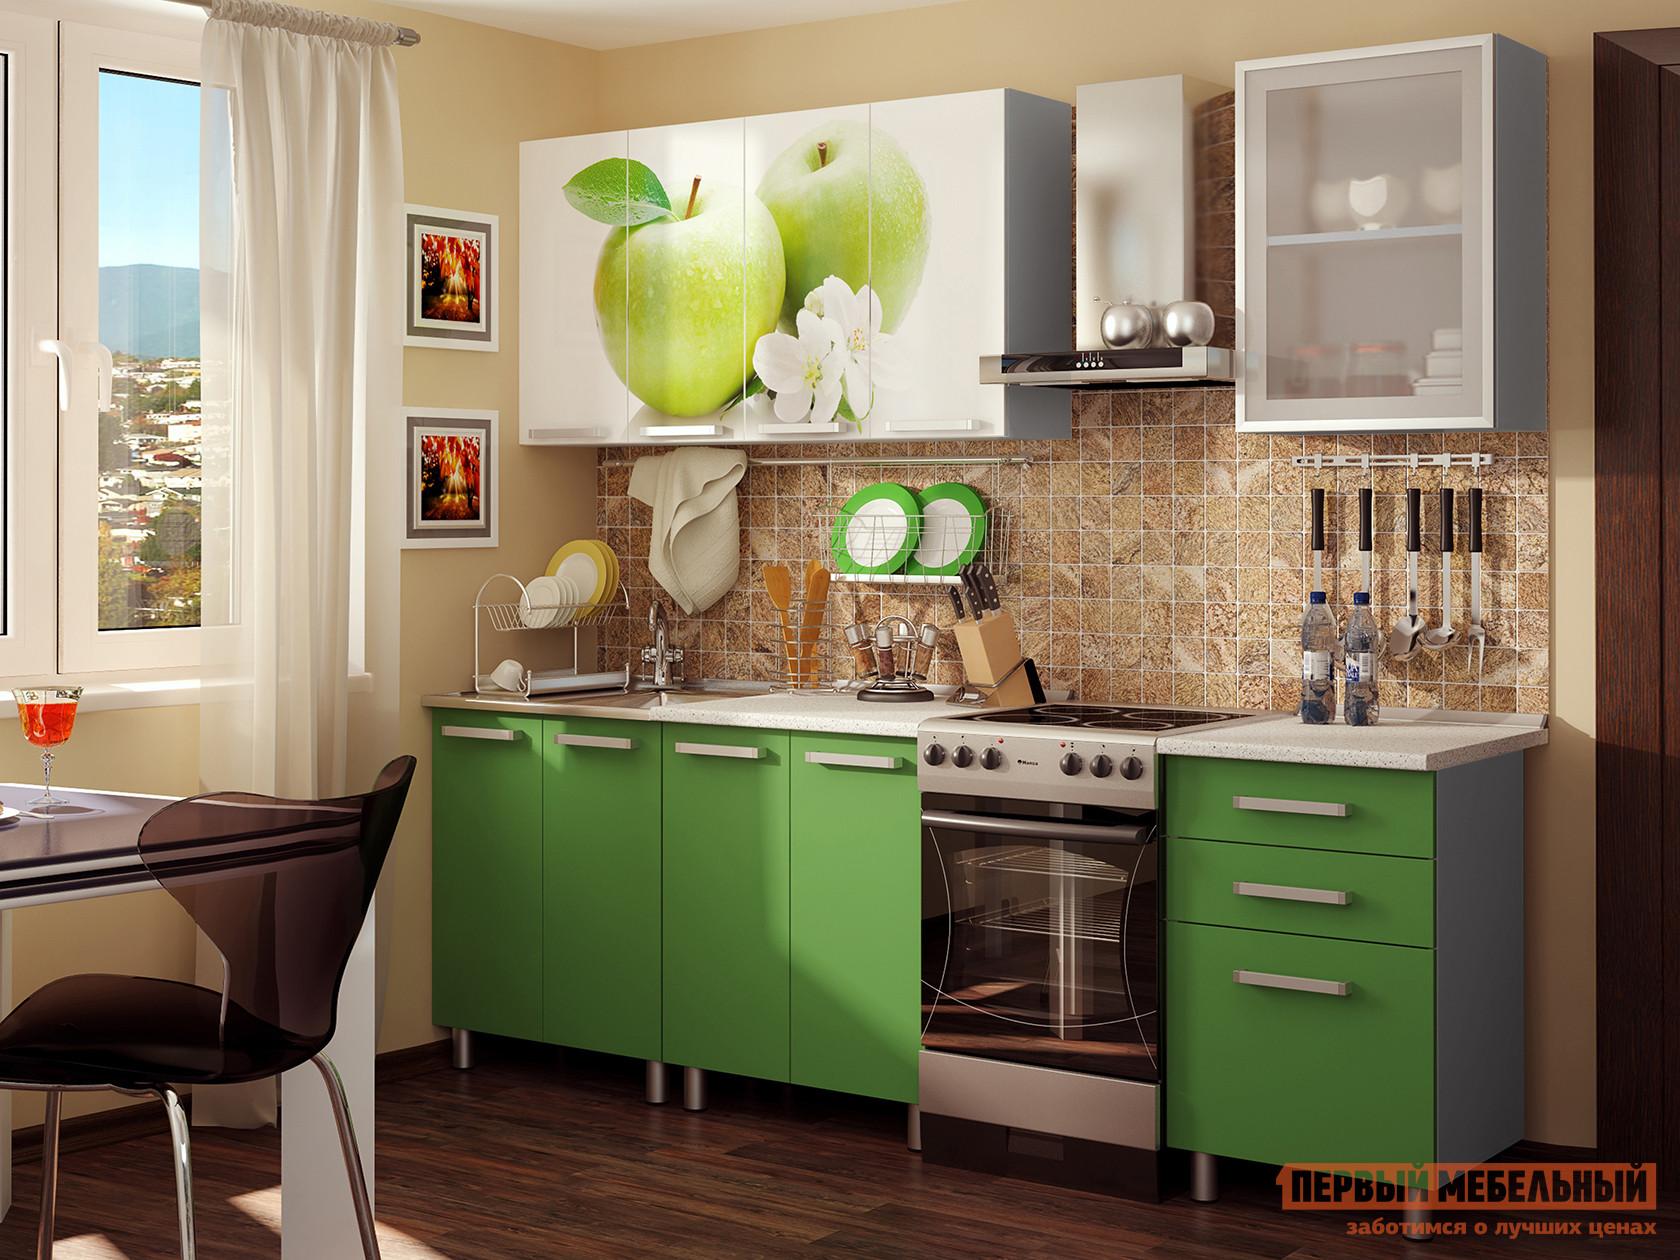 Кухонный гарнитур Первый Мебельный Кухня